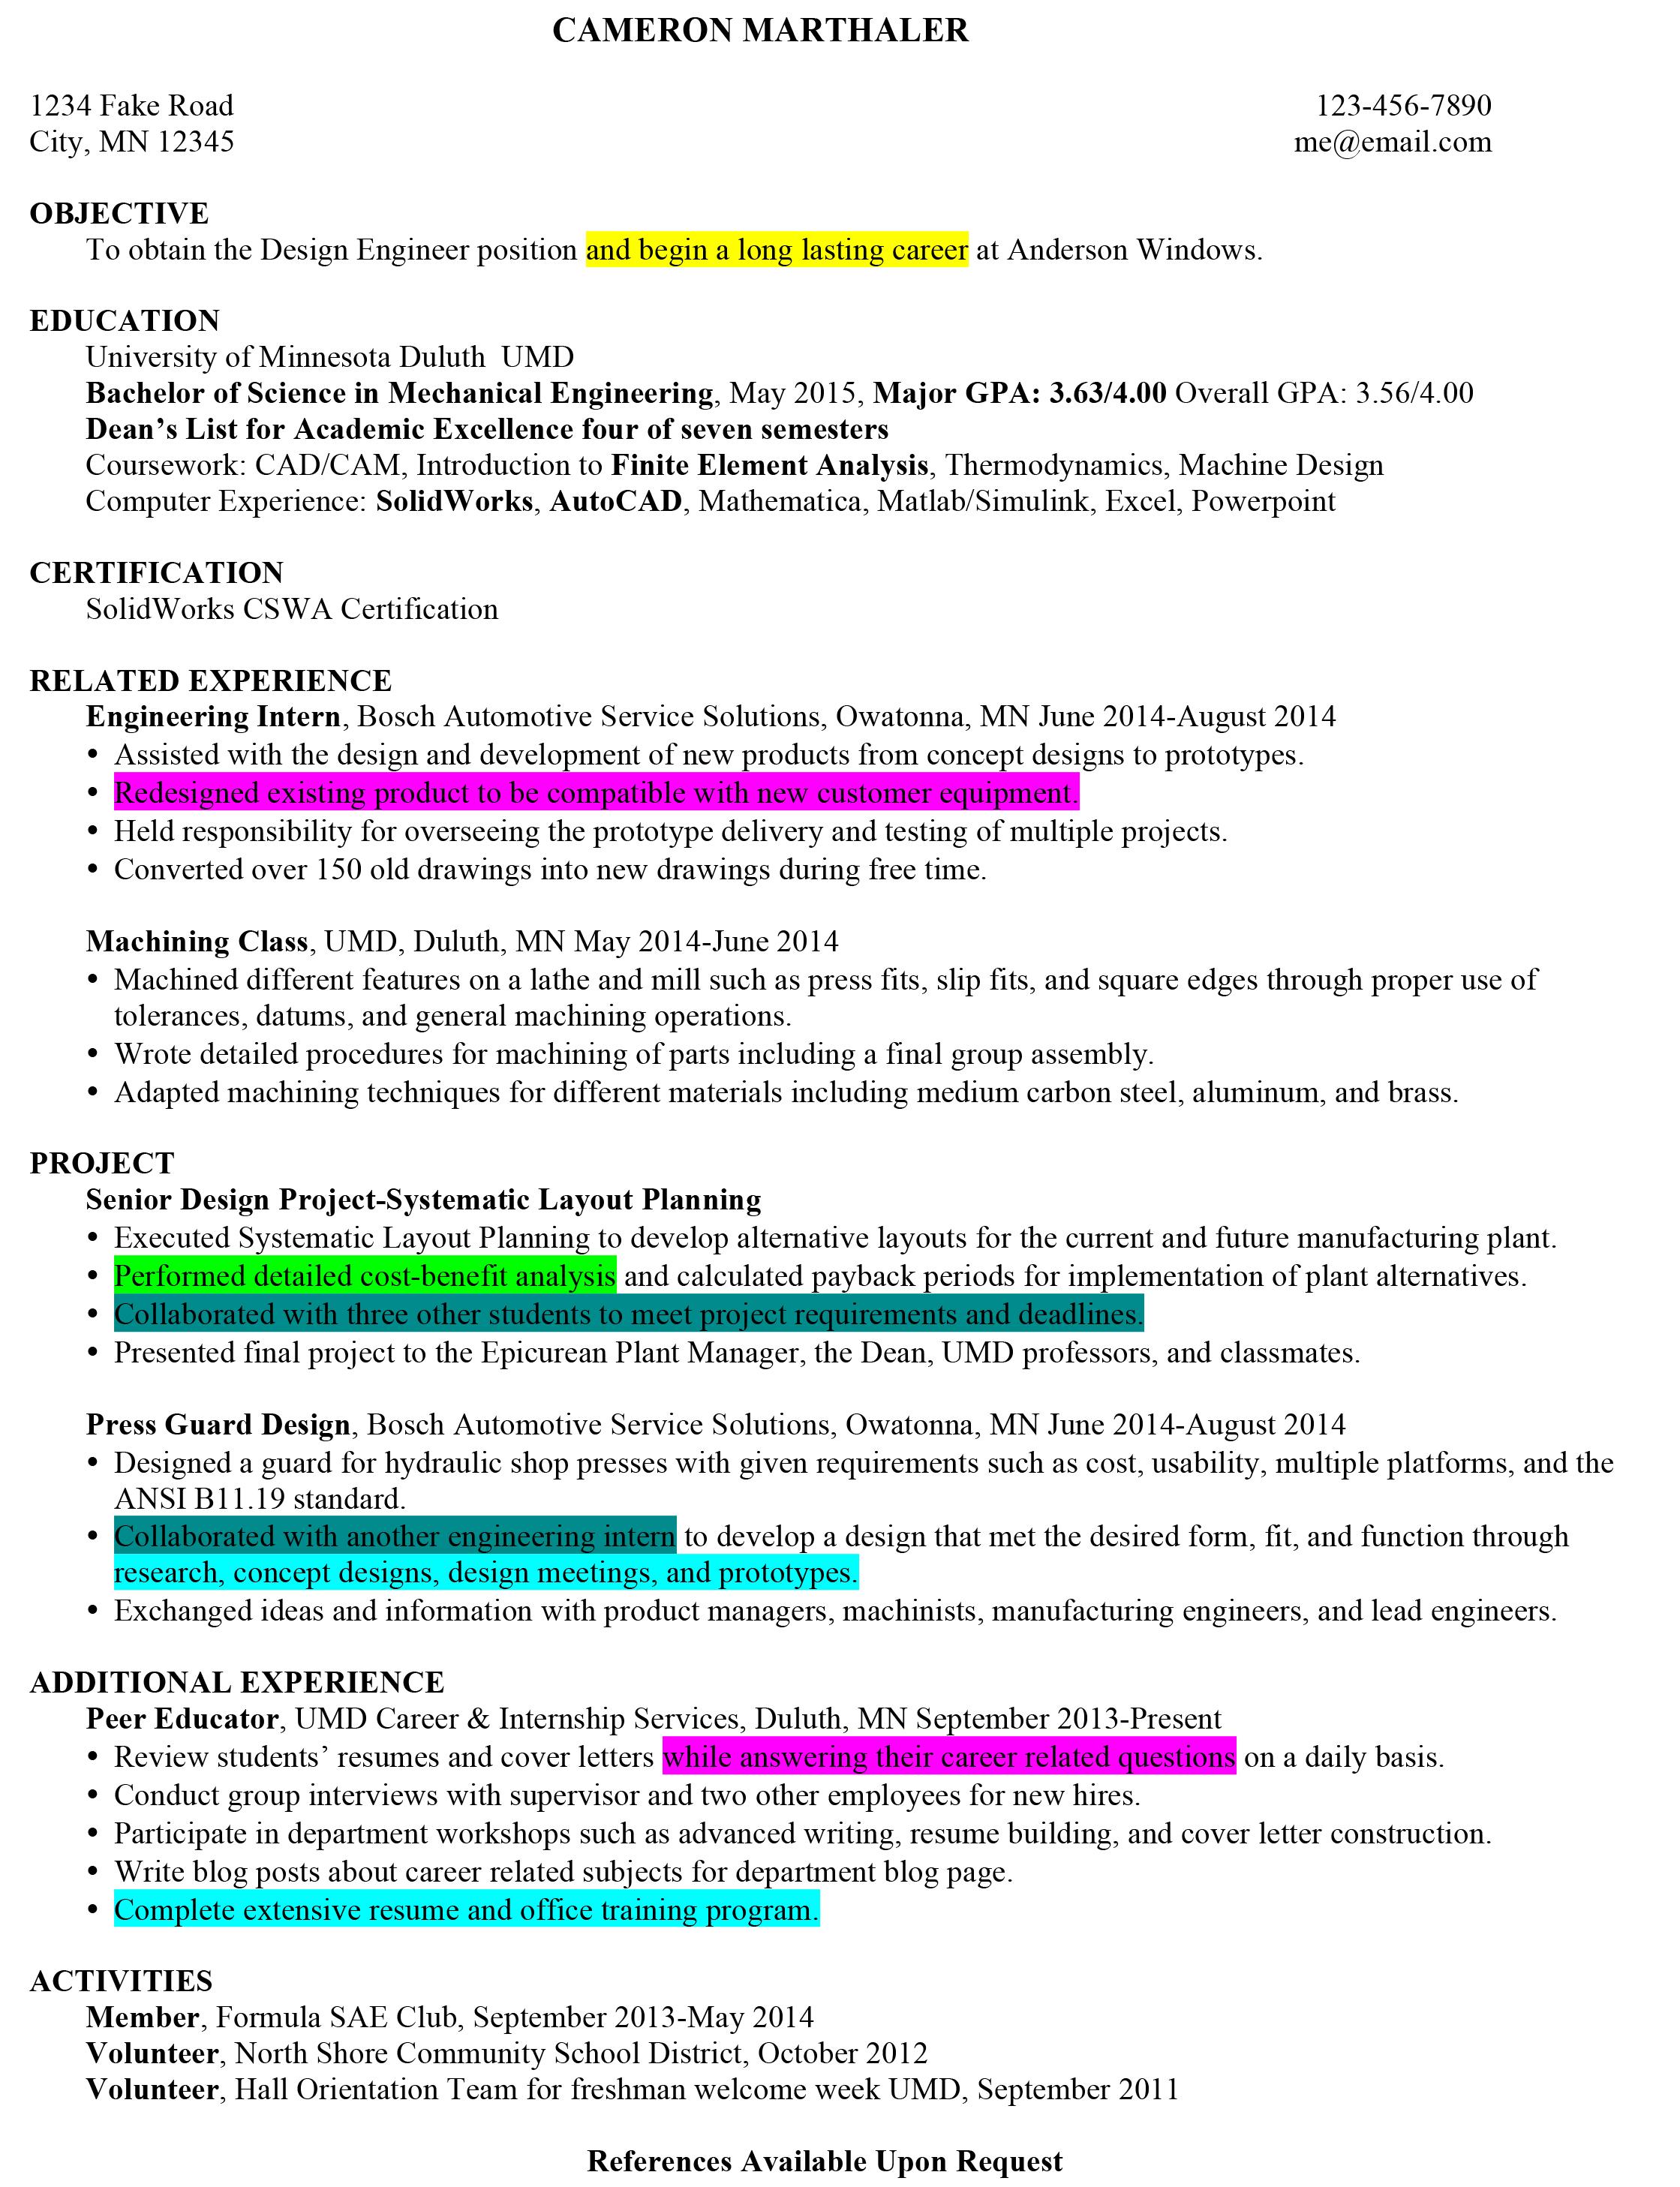 team resume words